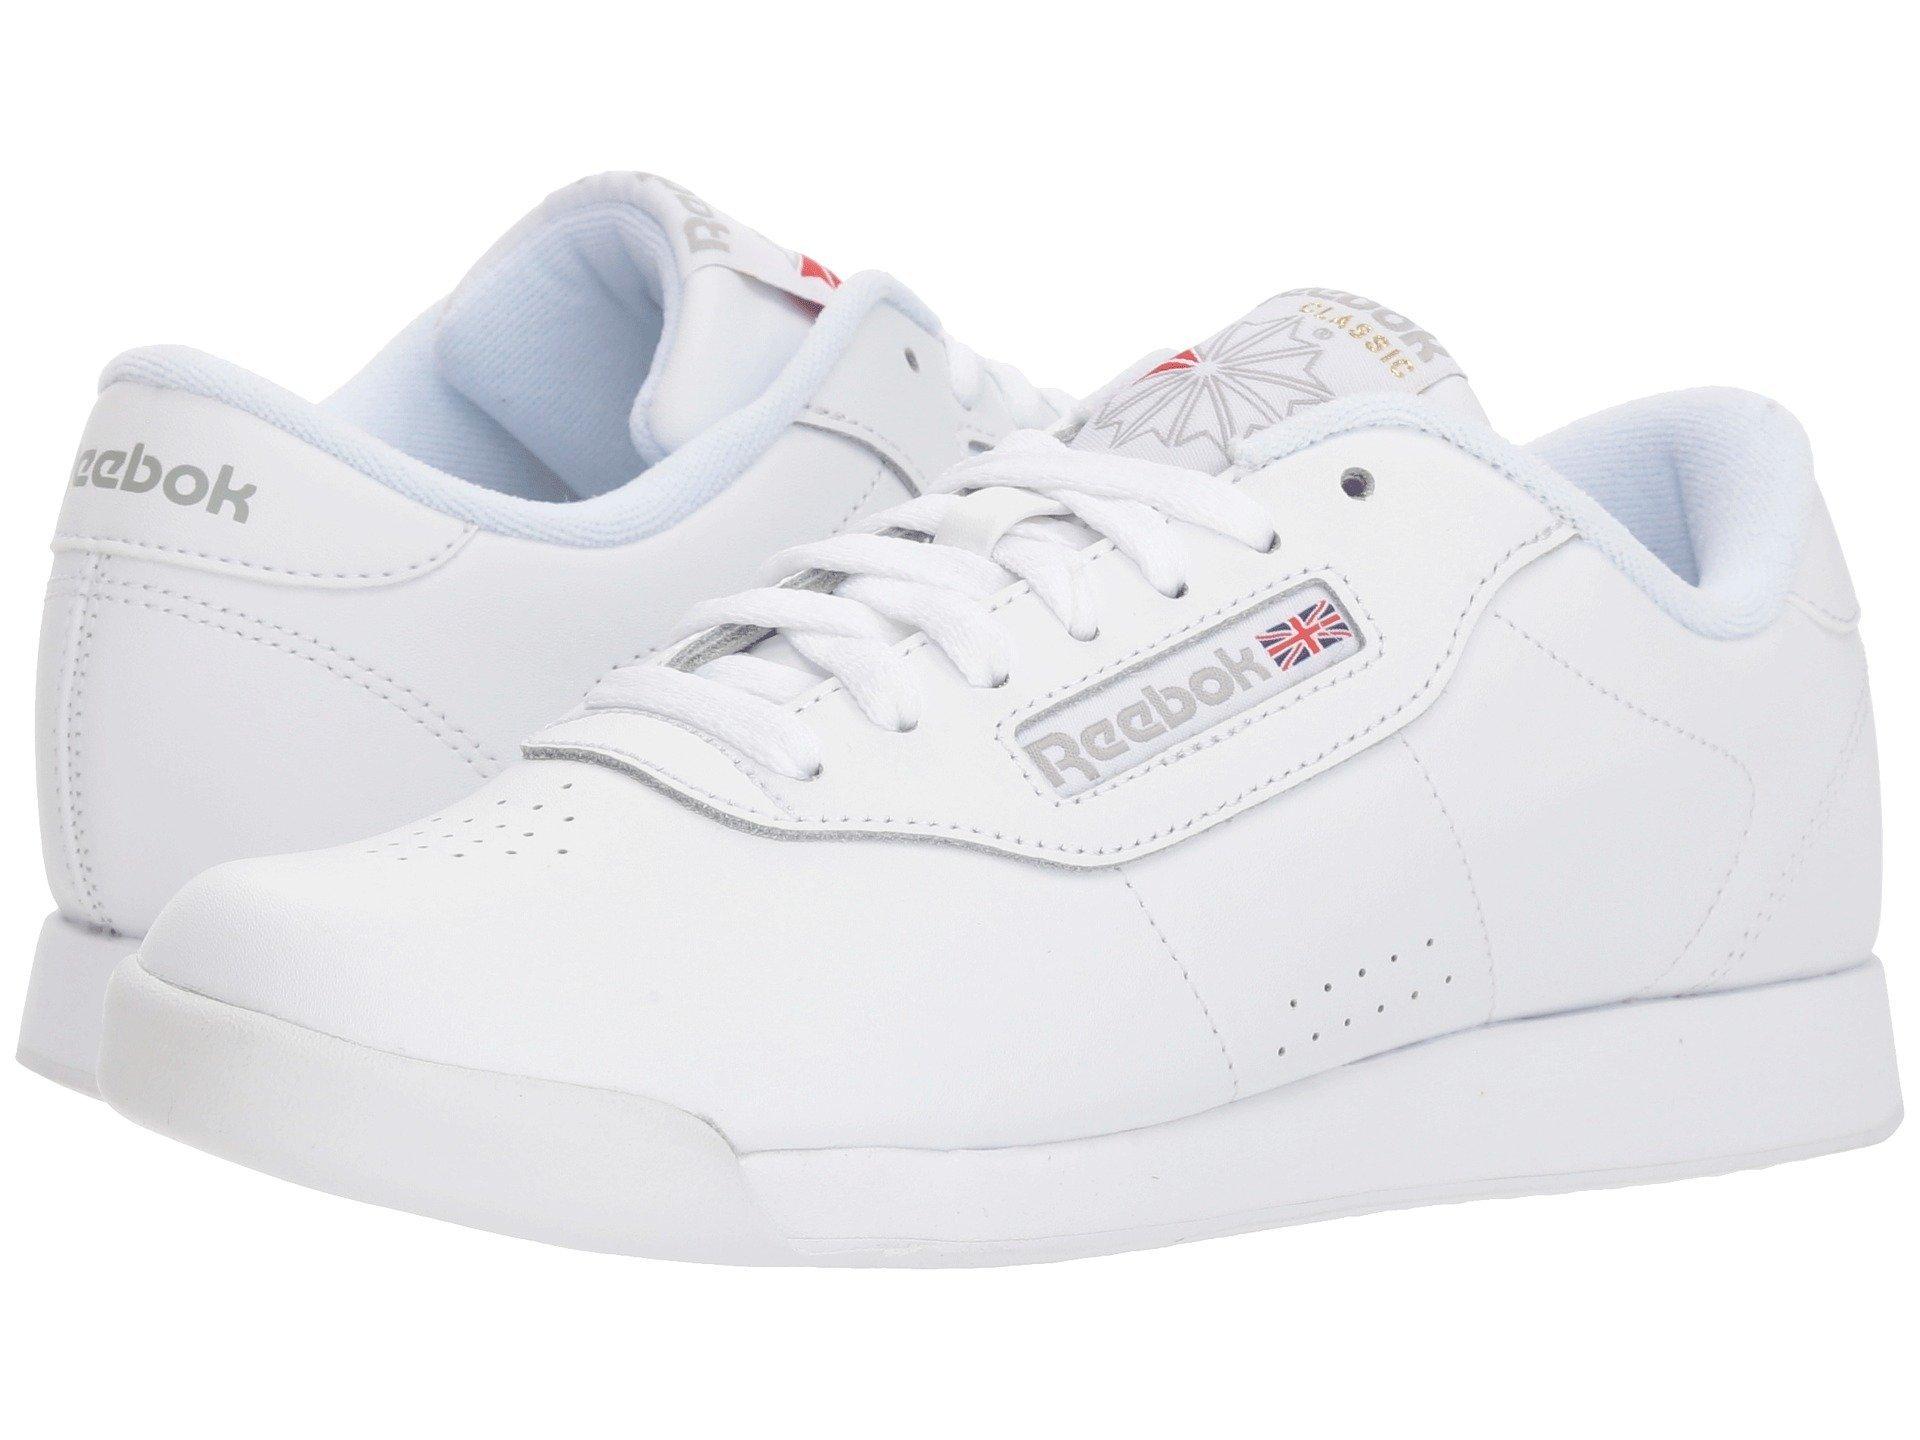 Reebok Women's Princess Sneaker,White,5.5 W